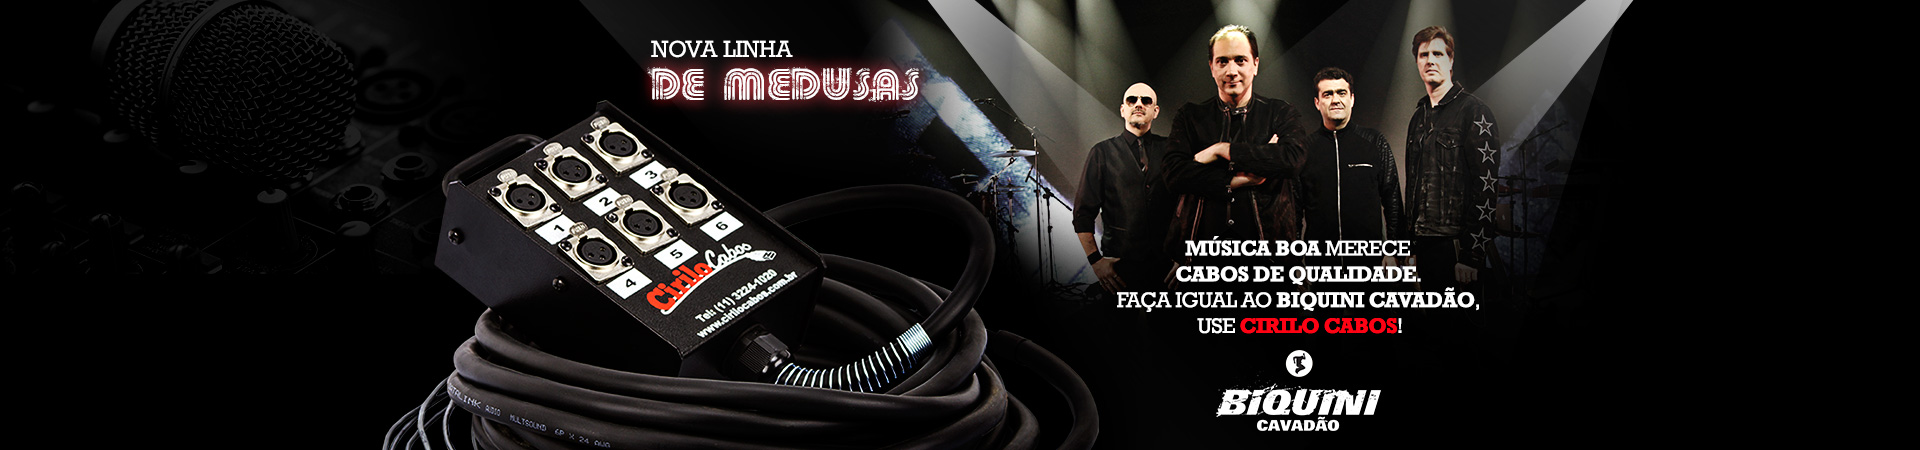 Banner Topo Medusa